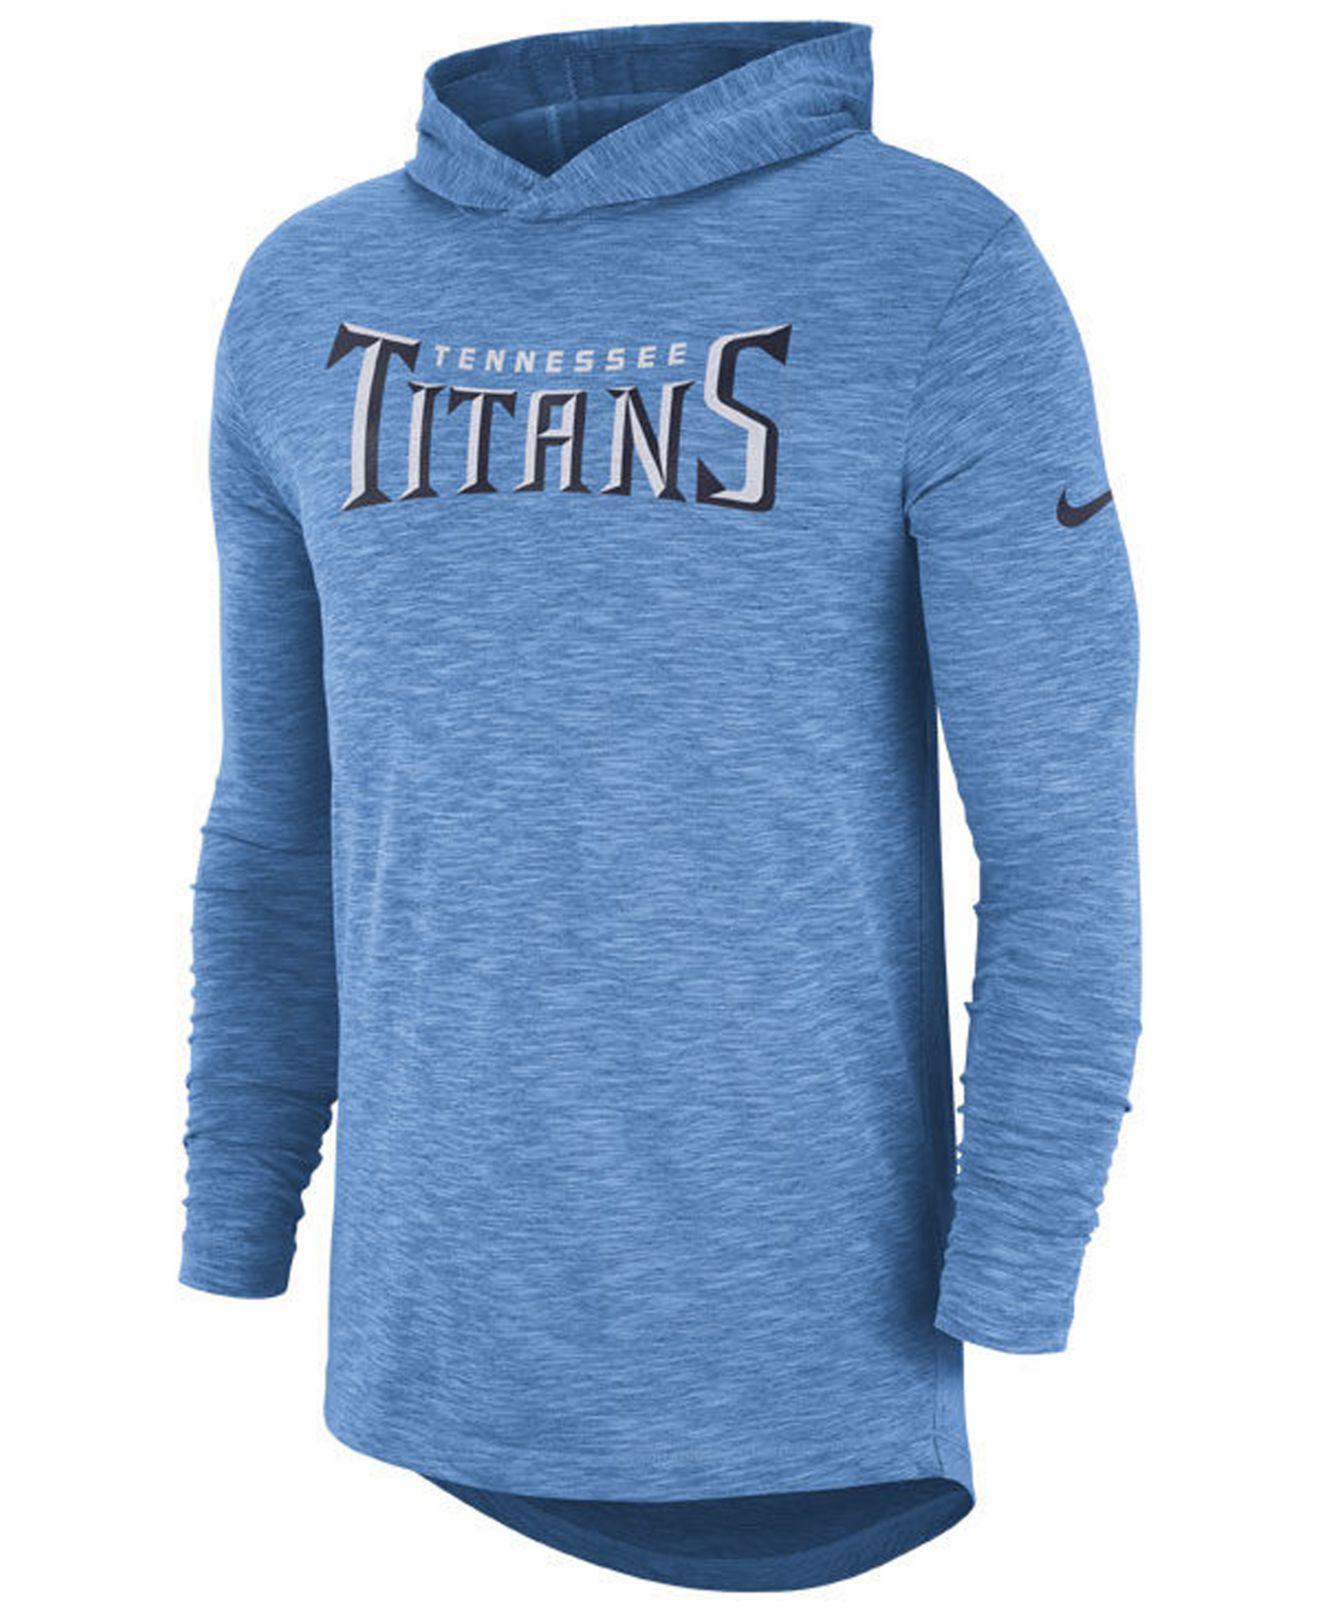 Nike. Men s Blue Tennessee Titans Dri-fit Cotton Slub On-field Hooded T- shirt fdc2f17f2